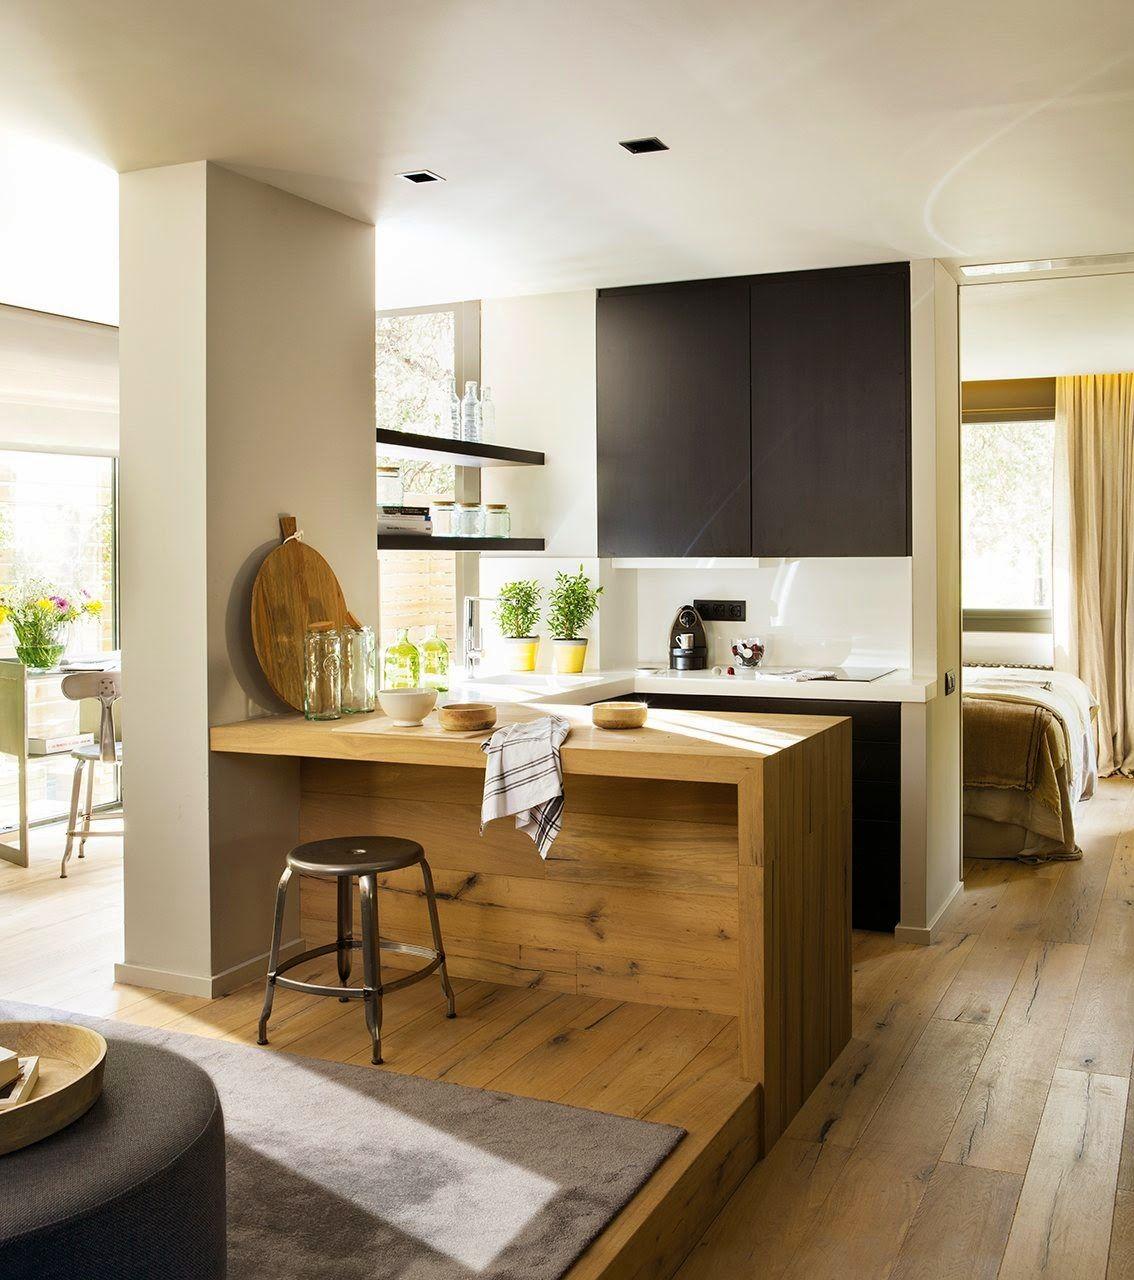 agencement astucieux d 39 un 50m2 cuisine fonctionnelle espace salon et m tre carr. Black Bedroom Furniture Sets. Home Design Ideas